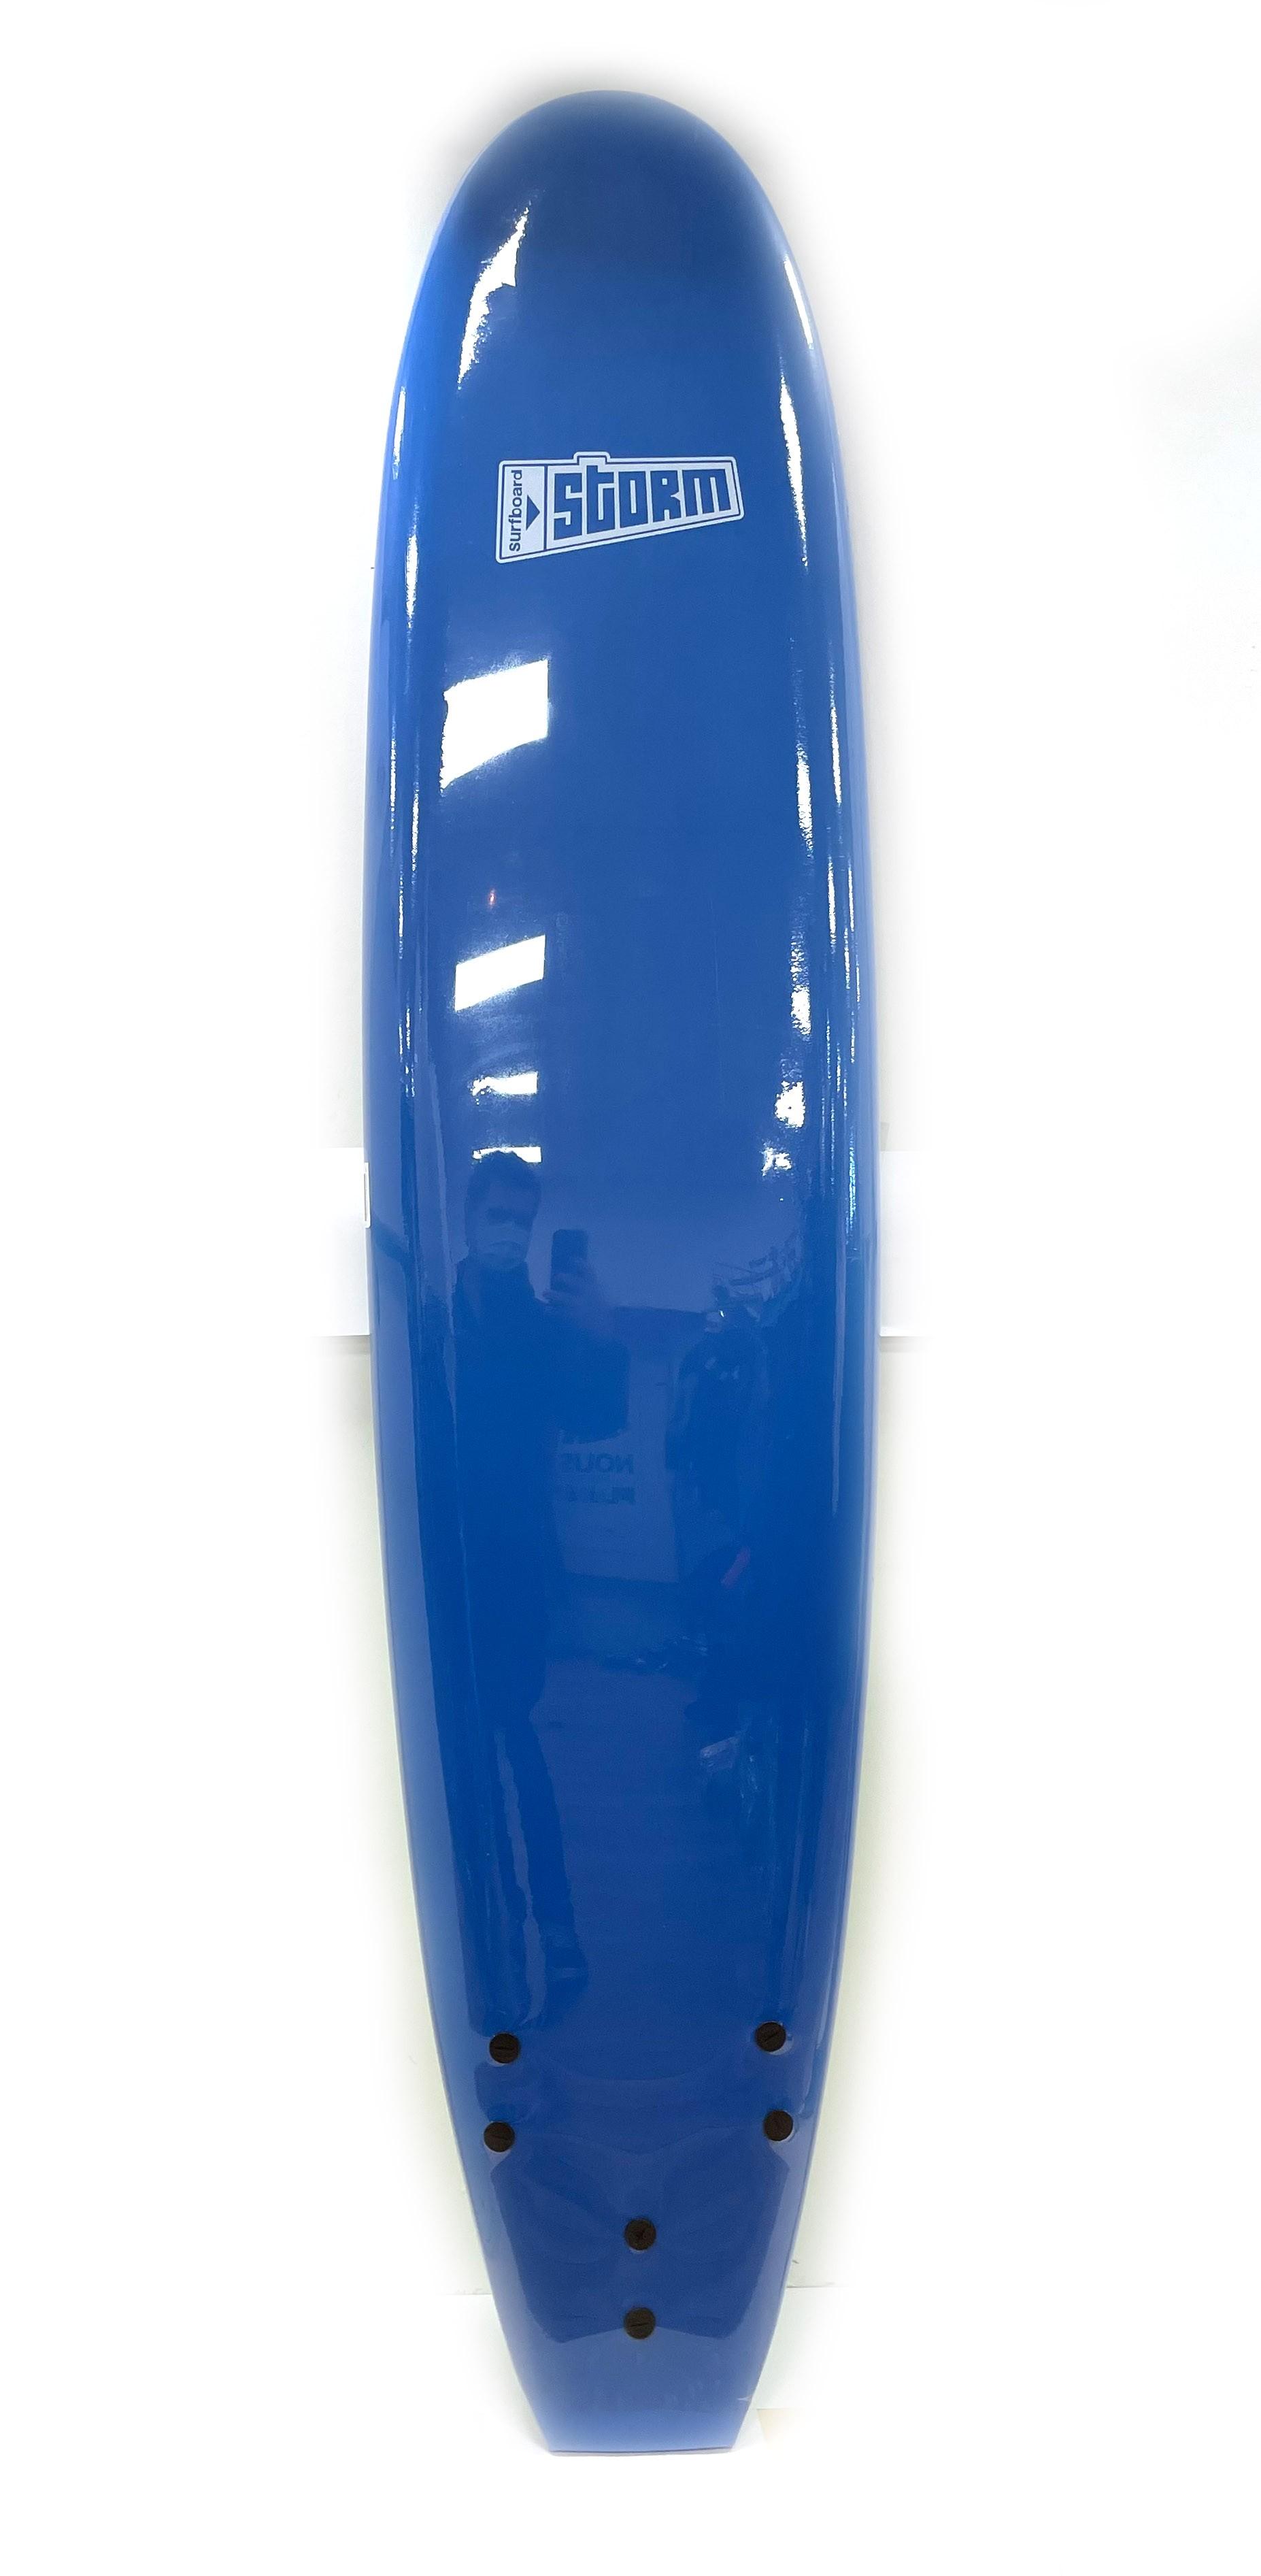 Planche de surf en mousse Storm 8'0 (Bleu)